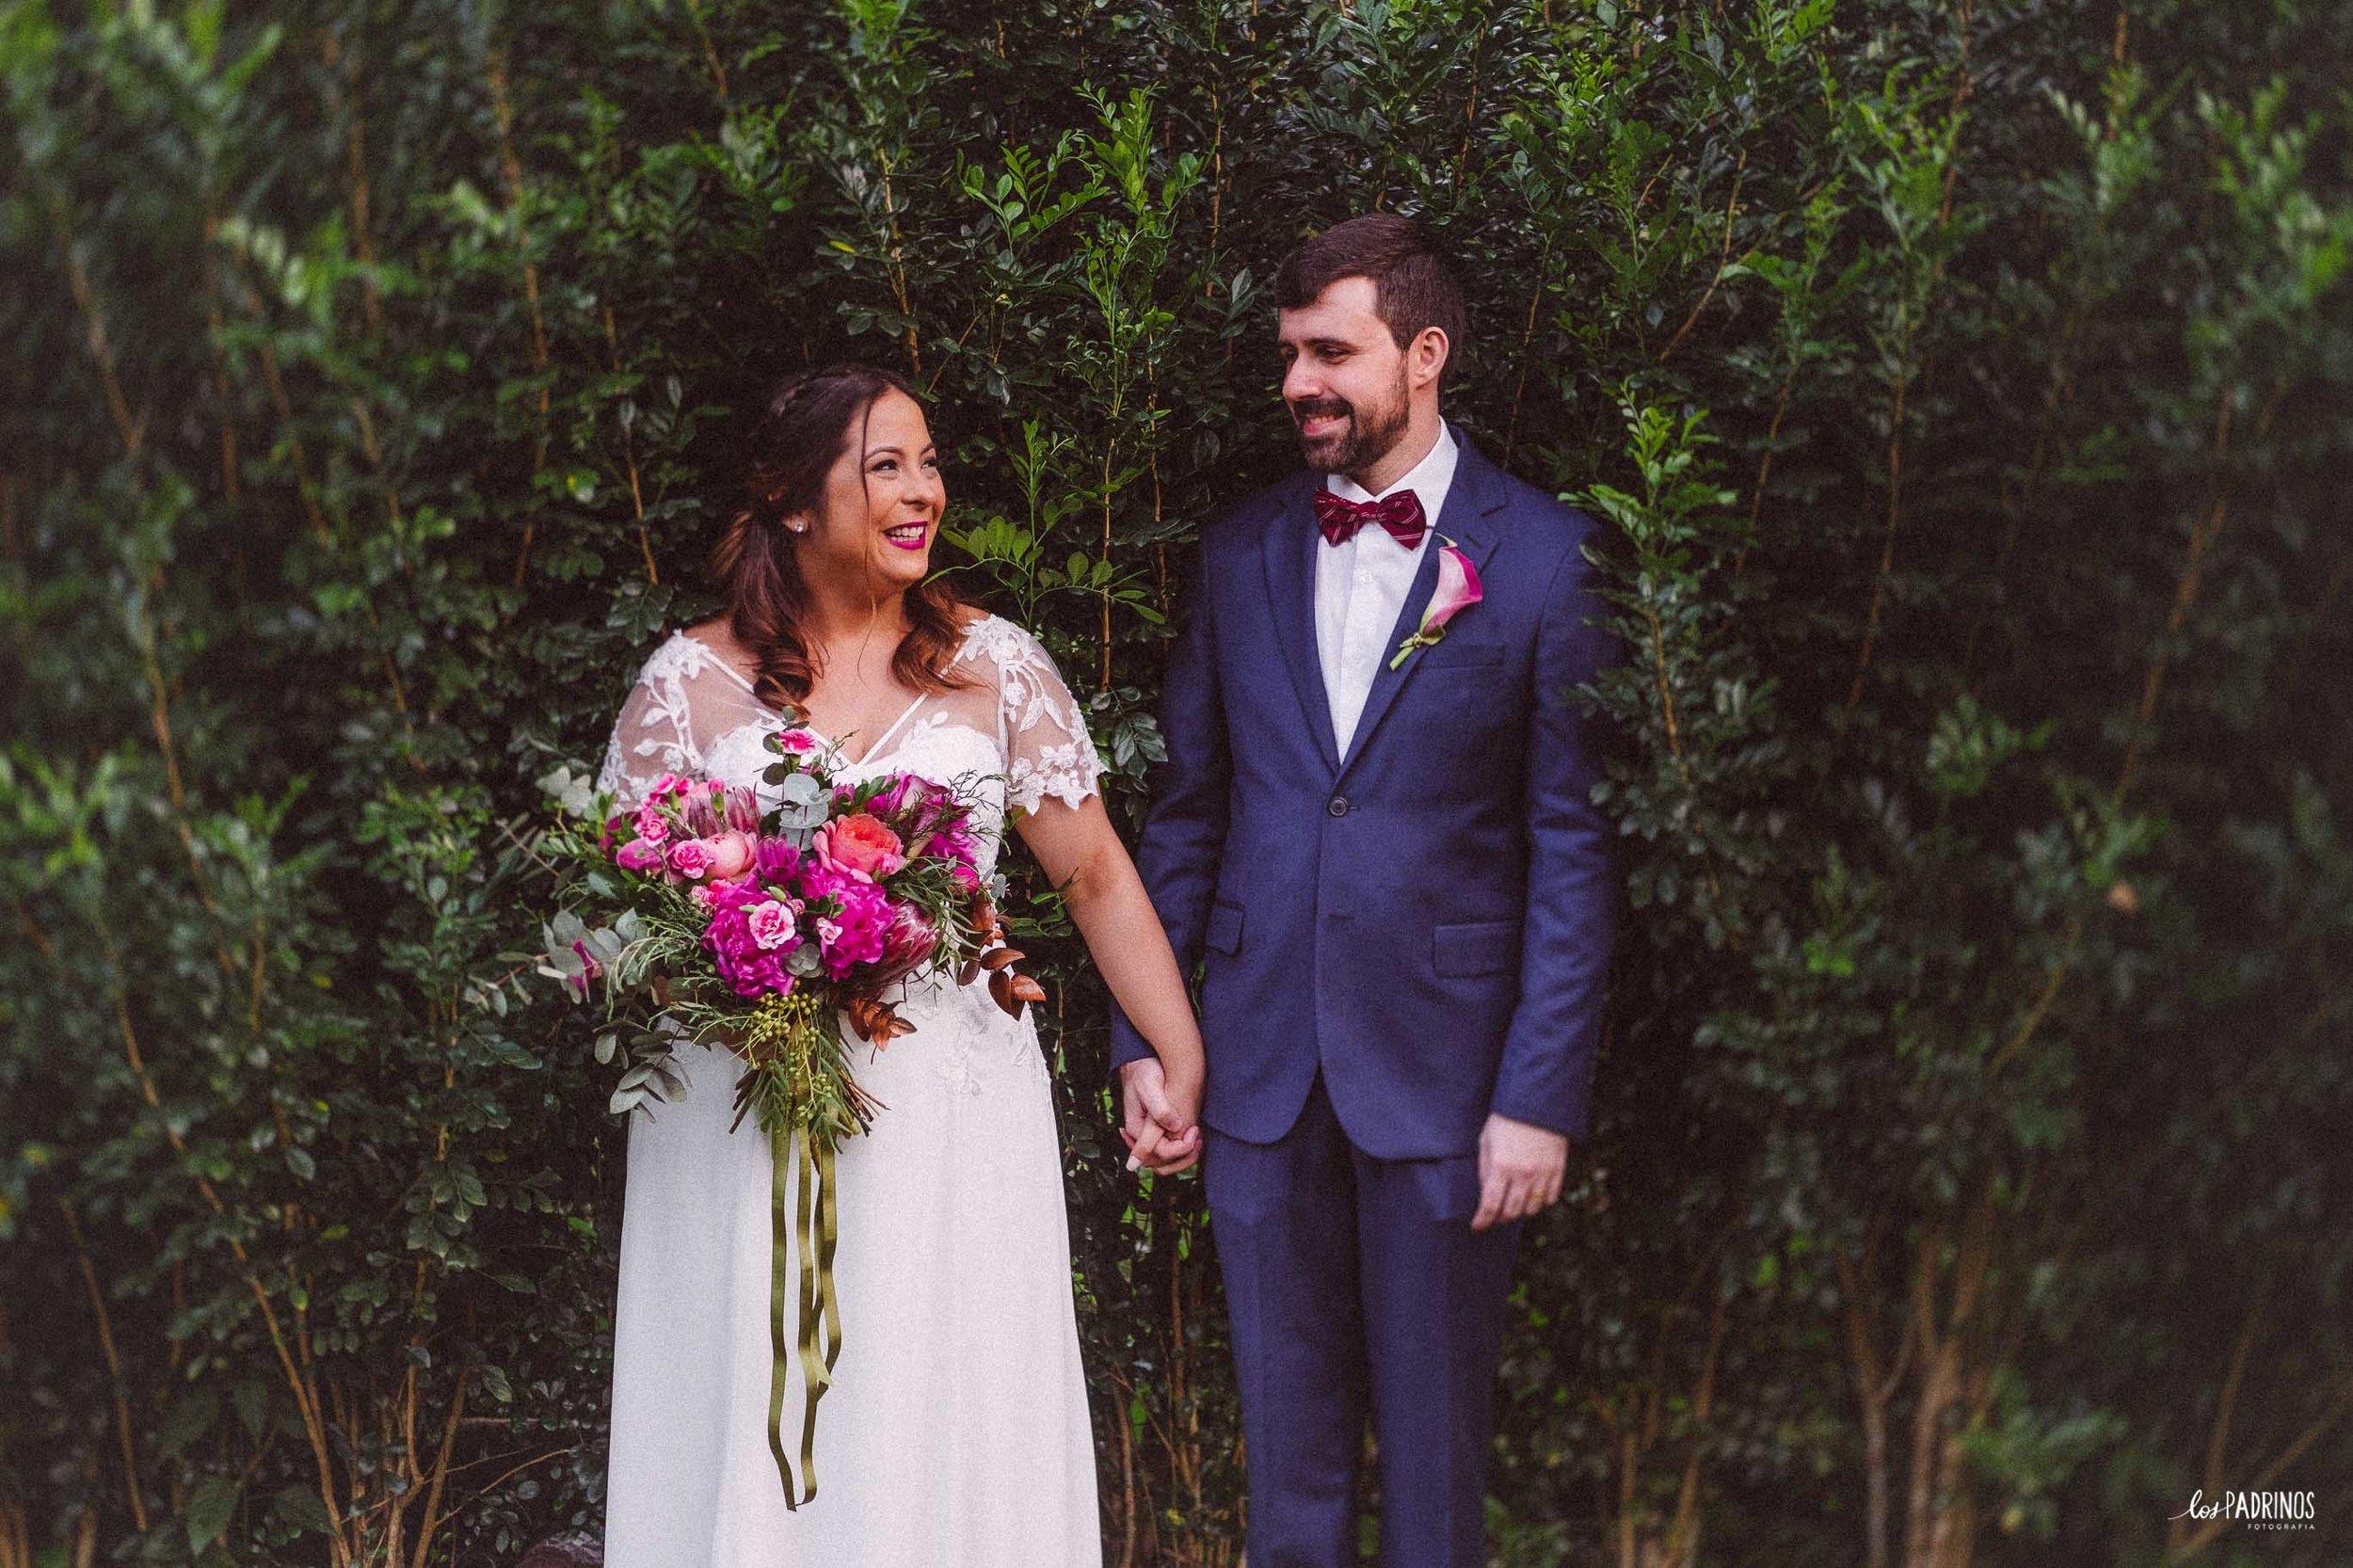 los-padrinos-fotografia-casamento-espaco-arcadia-soraia-roberto-renata-mario_0633.jpg